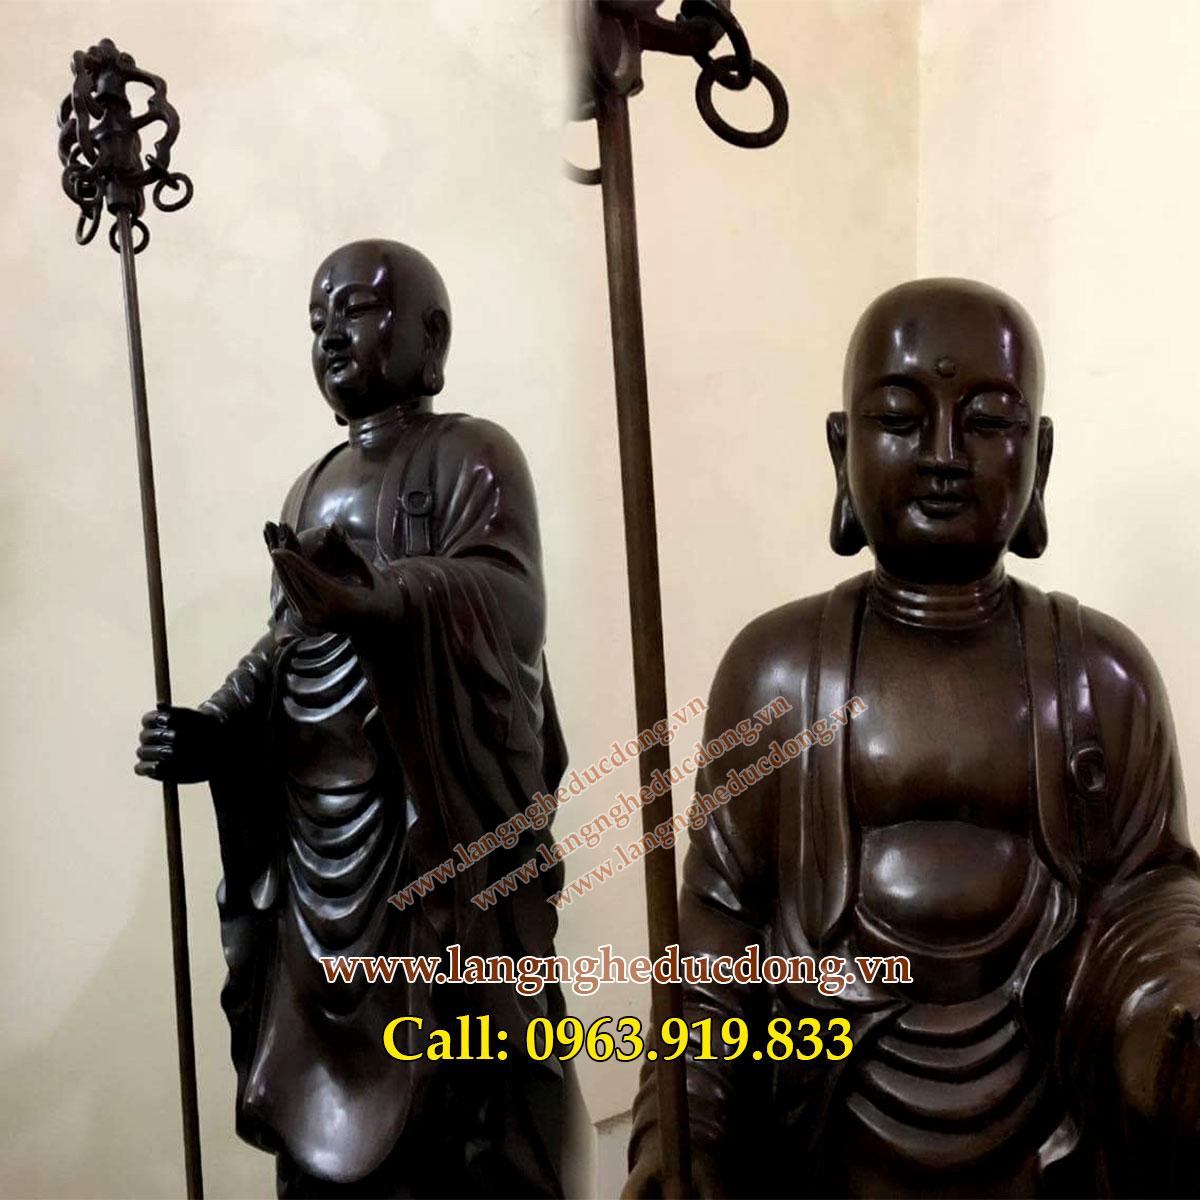 langngheducdong.vn - tượng đồng địa tạng vương bồ tát, đúc tượng đồng, đúc tượng phật, nhận làm hàng đặt